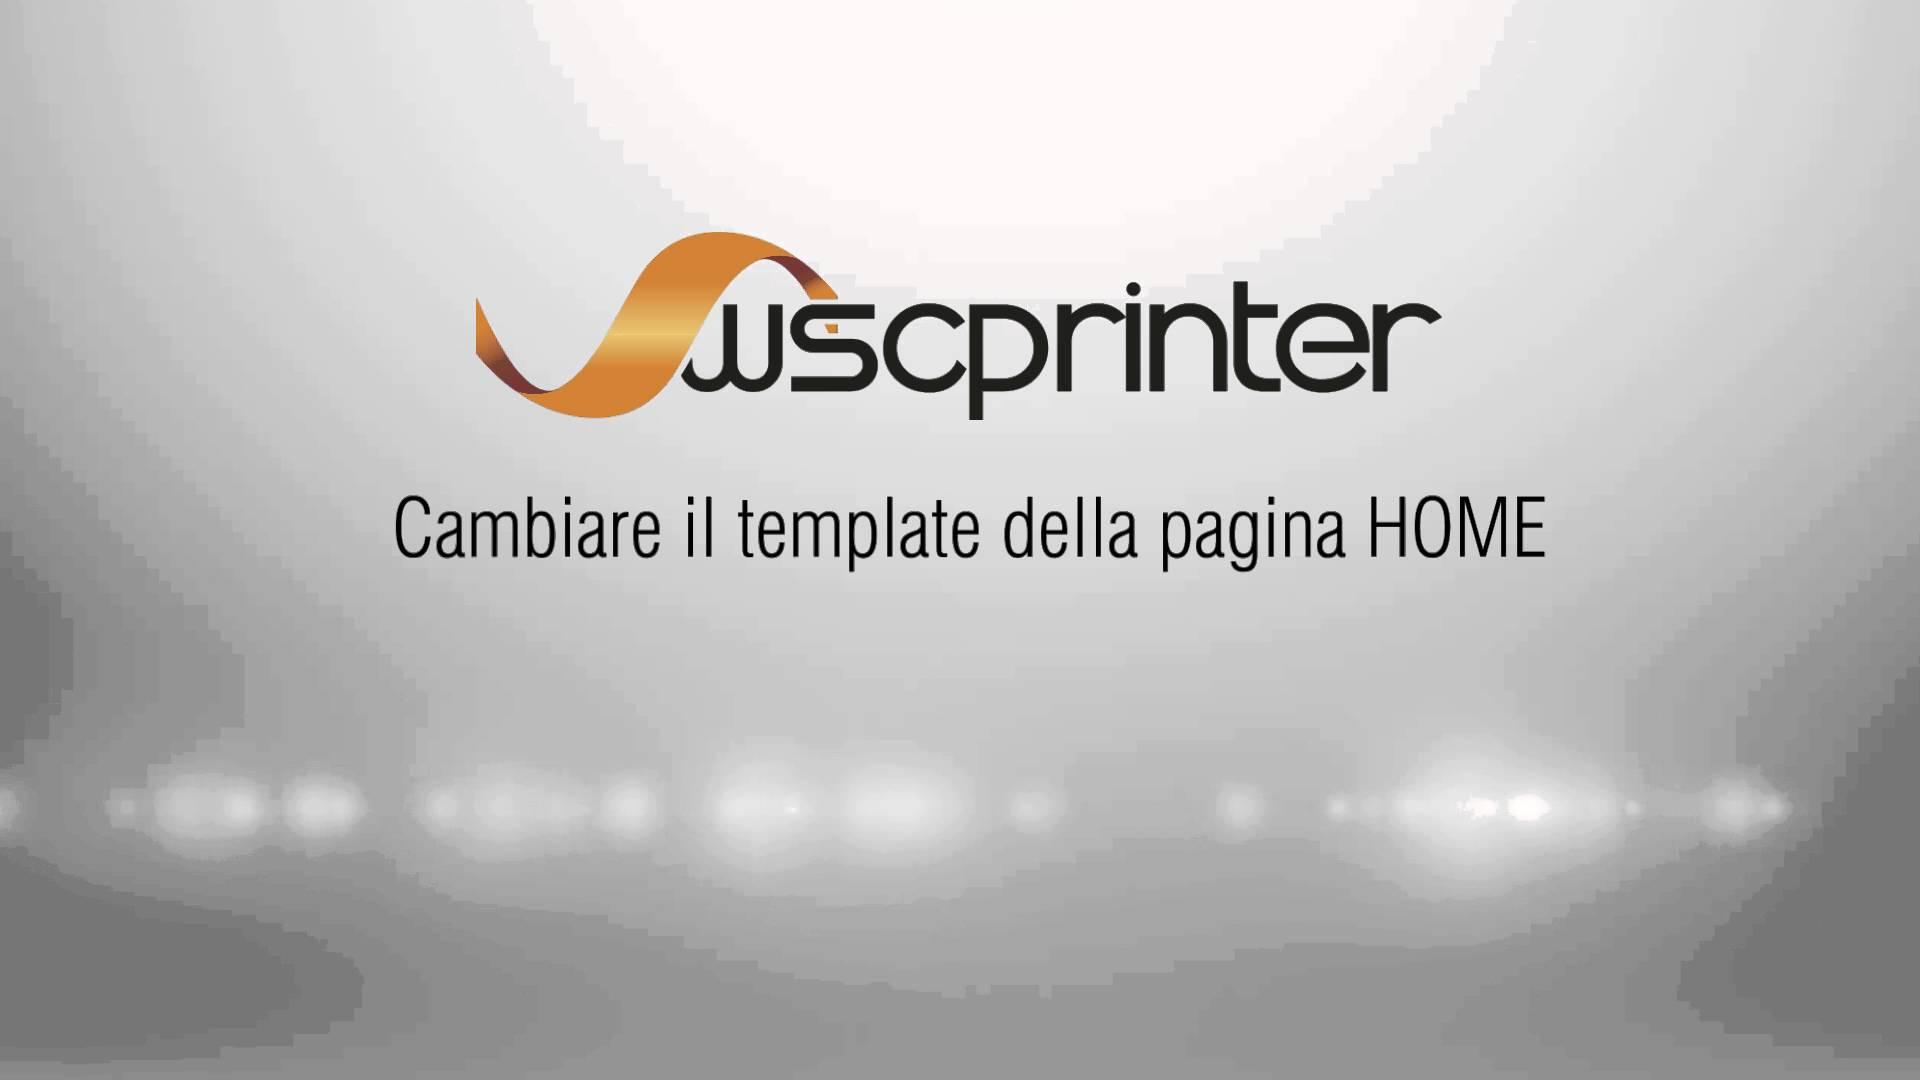 Wsc Printer - Personalizza Skin e Template Home Page